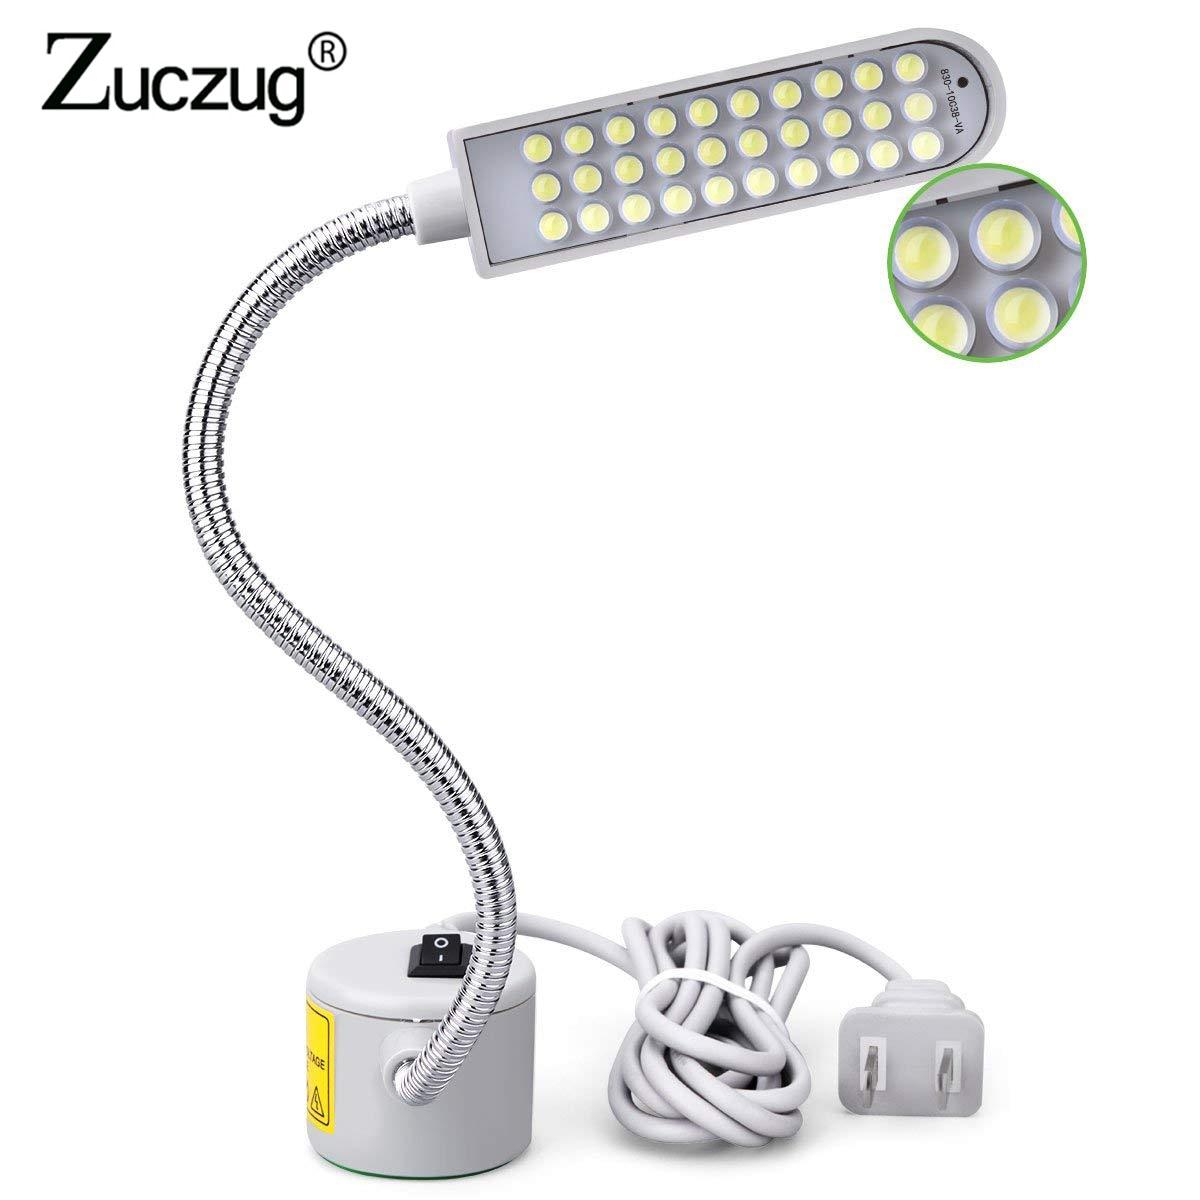 Erfinderisch Led Lampe Für Nähen Maschine Tragbare Licht 2 W 30led Magnetische Montage Basis Schwanenhals Lampe Für Nähmaschine Beleuchtung Uns /eu Stecker Schreibtischlampen